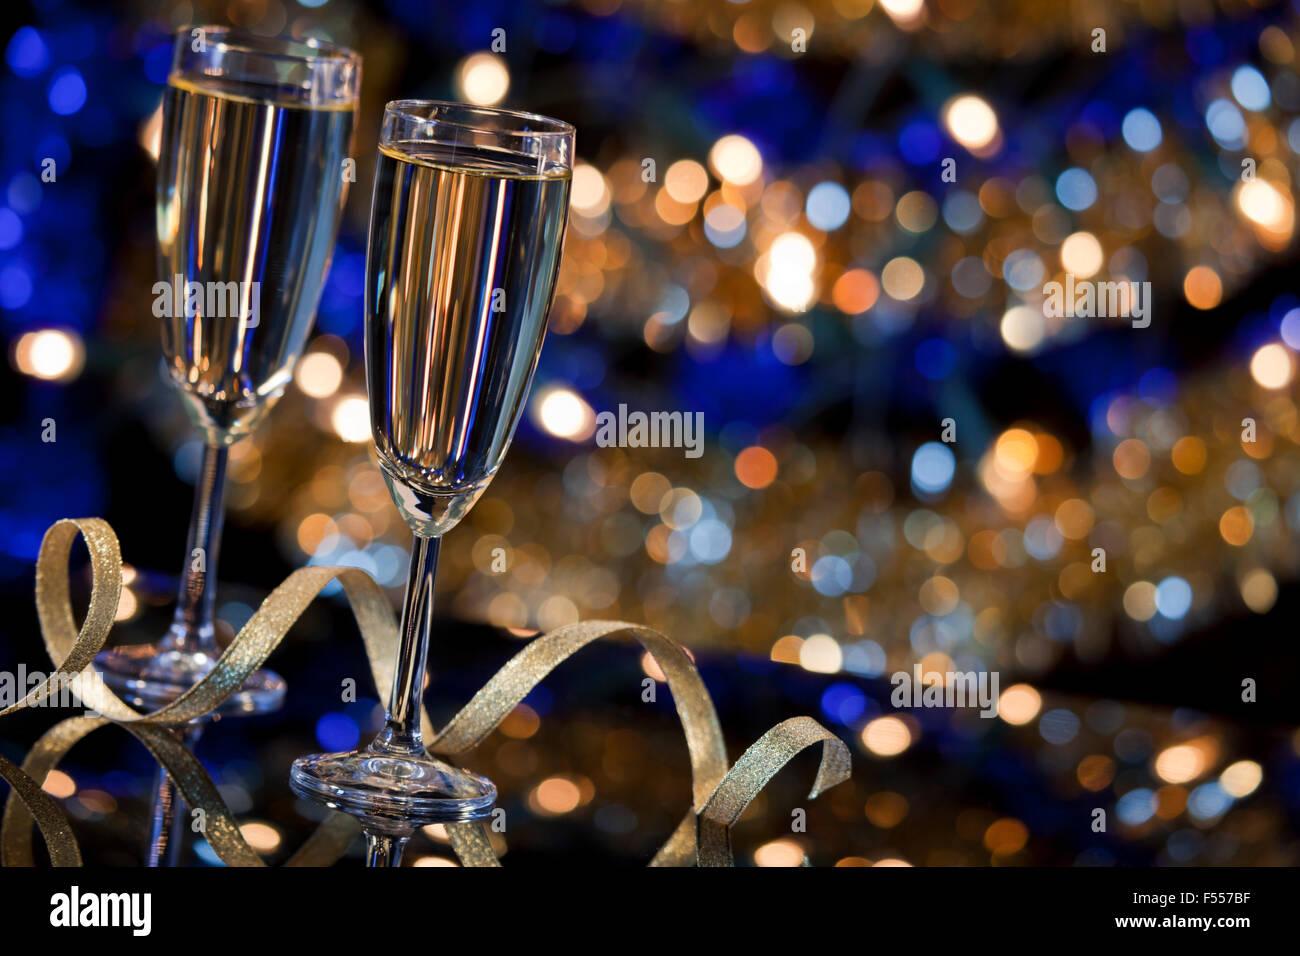 Une scène du Nouvel An avec champagne verres et lumières de Noël dans l'arrière-plan. Photo Stock